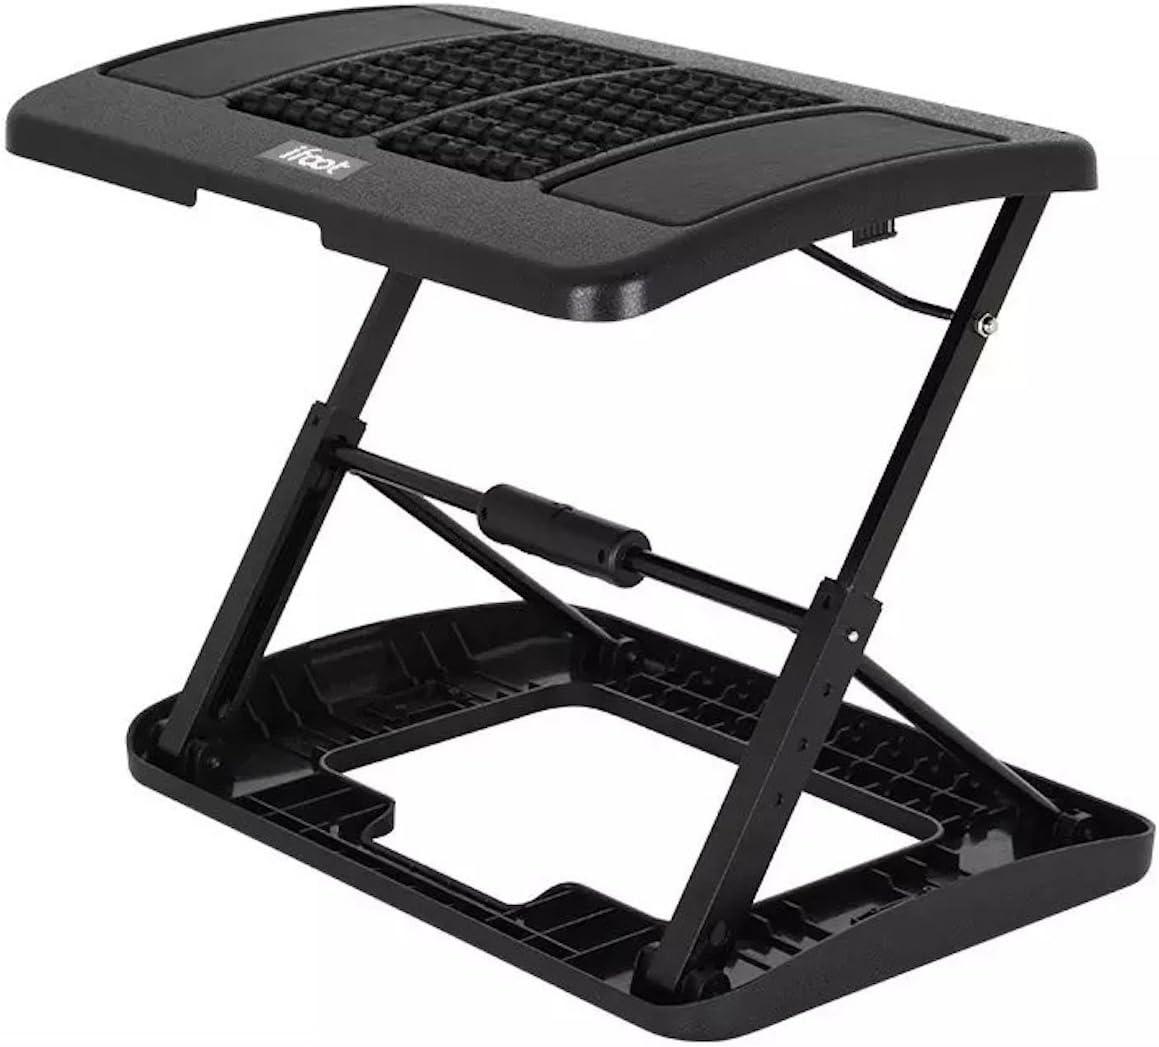 Adjustable Footrest for Home Office, Or Under Desk Ergonomic Massaging Foot Rest (Footstool) (New Massaging)